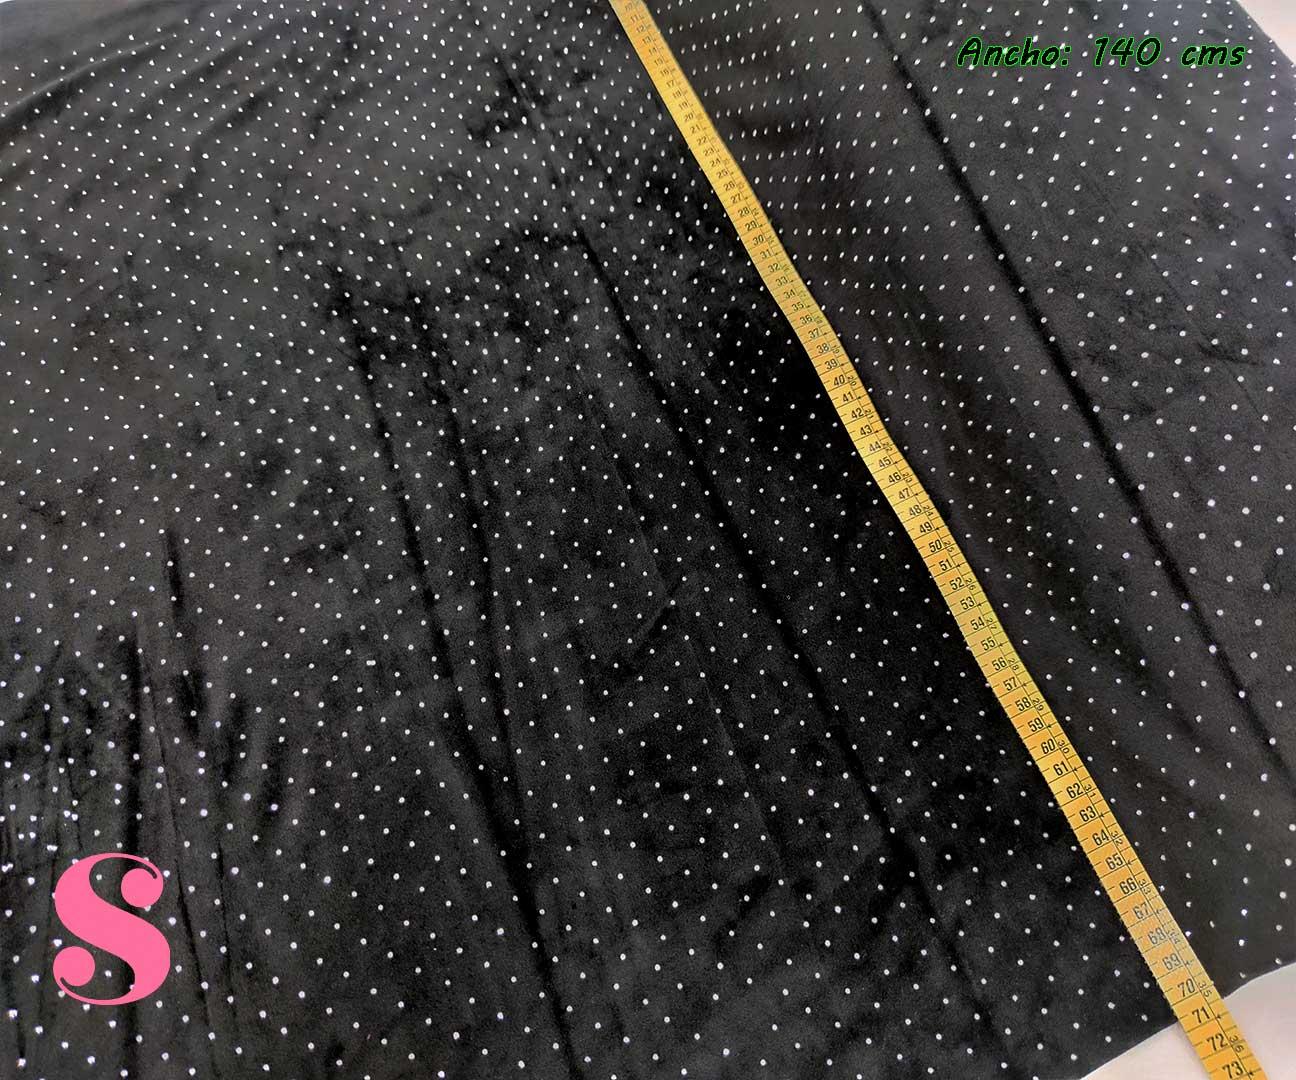 8-terciopelo-elástico,telas-para-vestidos-de-fiesta,telas-para-vestidos-de-noche-vieja,tejidos-elegantes,Terciopelo con Brillantes Negro